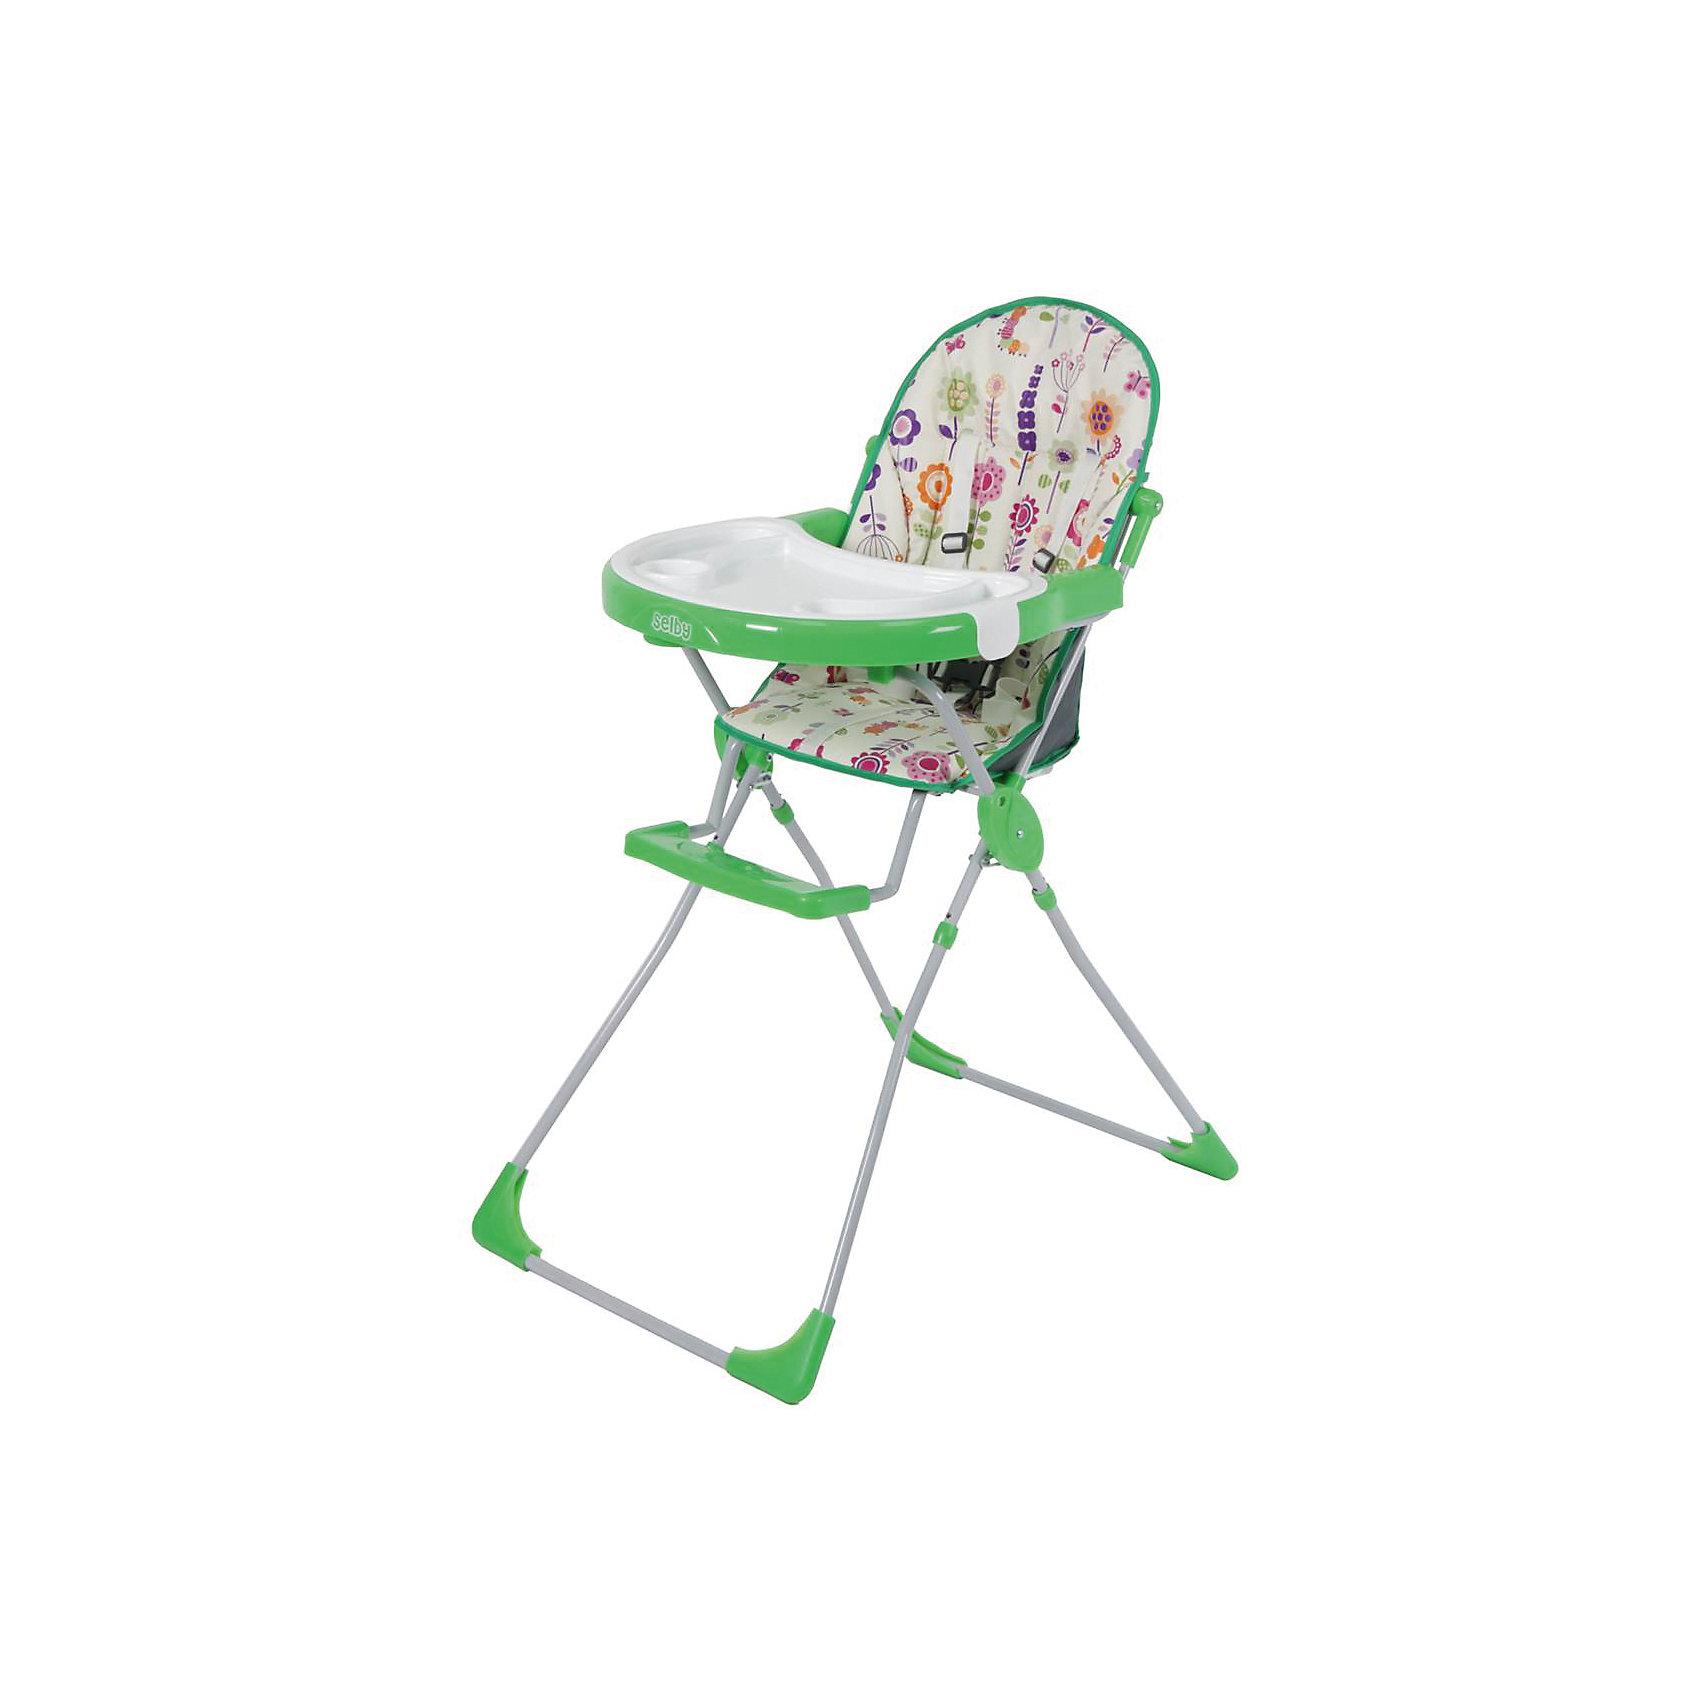 Стульчик для кормления 251 Яркий луг, Selby, зеленыйот +6 месяцев<br>Характеристики товара:<br><br>• возраст от 6 месяцев;<br>• материал: пластик;<br>• максимальный вес ребёнка: 15 кг<br>• 5-ти точечные ремни безопасности;<br>• мягкое сидение<br>• подставка для ножек<br>• съёмный столик<br>• съёмный поднос с углублениями<br>• накладки на ножках не скользят и не царапают пол<br>• размер в разложенном виде 100,5х73,5х53 см;<br>• размер упаковки 53х75х30 см;<br>• вес  упаковки 5,9 кг;<br>• страна производитель: Китай.<br><br>Стульчик для кормления 251 «Яркий луг» Selby — надежный помощник молодым родителям для кормления малыша. Стульчик оснащен удобным мягким сидением и подставкой для ножек. На столике имеется дополнительный съемный пластиковый поднос с углублениями и бортиками. <br><br>В кресле ребенка удерживают 5-ти точечные ремни безопасности. Накладки на ножках не дают стульчику скользить и не повреждают напольное покрытие. В сложенном виде стульчик не занимает много места. Для удобства хранения столик можно отвести на обратную сторону стульчика.<br><br>Стульчик для кормления 251 «Яркий луг» Selby можно приобрести в нашем интернет-магазине.<br><br>Ширина мм: 530<br>Глубина мм: 750<br>Высота мм: 300<br>Вес г: 5900<br>Цвет: зеленый<br>Возраст от месяцев: 6<br>Возраст до месяцев: 36<br>Пол: Унисекс<br>Возраст: Детский<br>SKU: 5610456